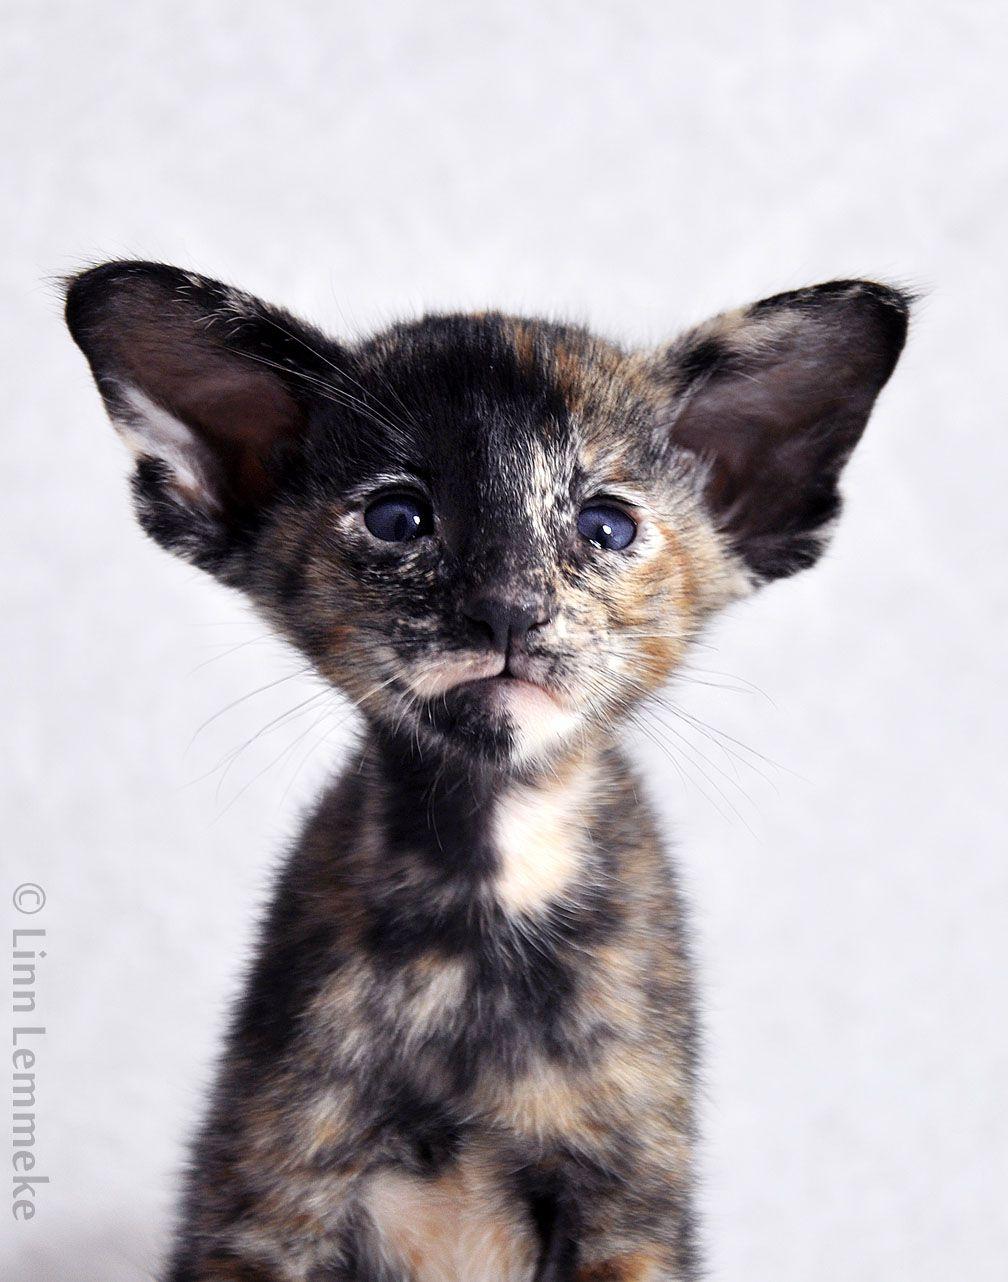 YES, I'VE HEARD 'EM ALL WHAT BIG EARS YOU HAVE GRANDMA